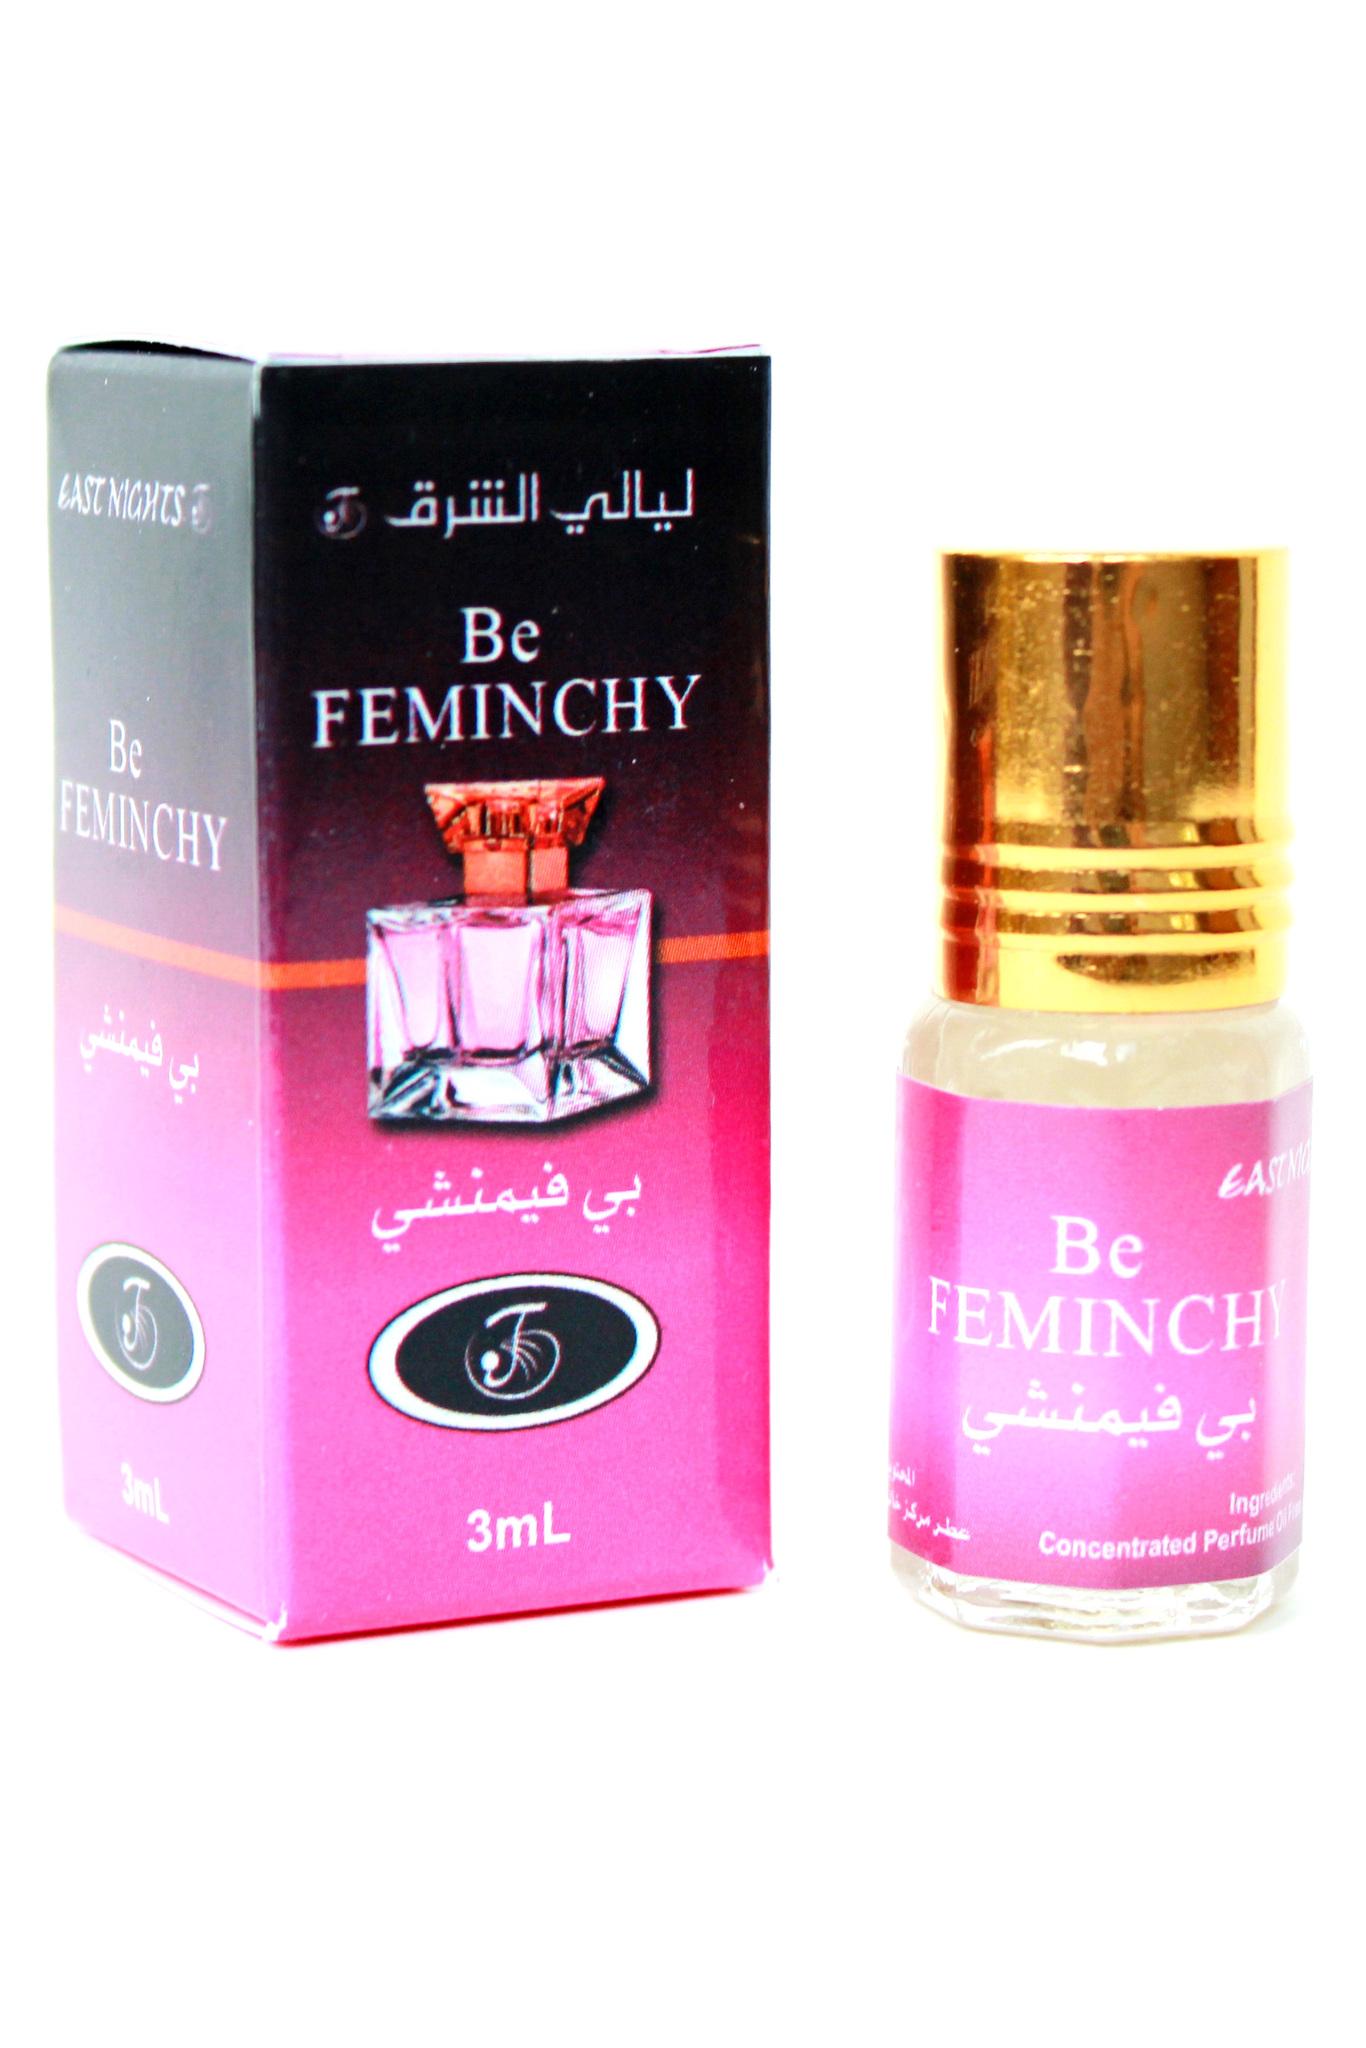 Be feminchy натуральные масляные духи «Султанша моего сердца» 3 мл